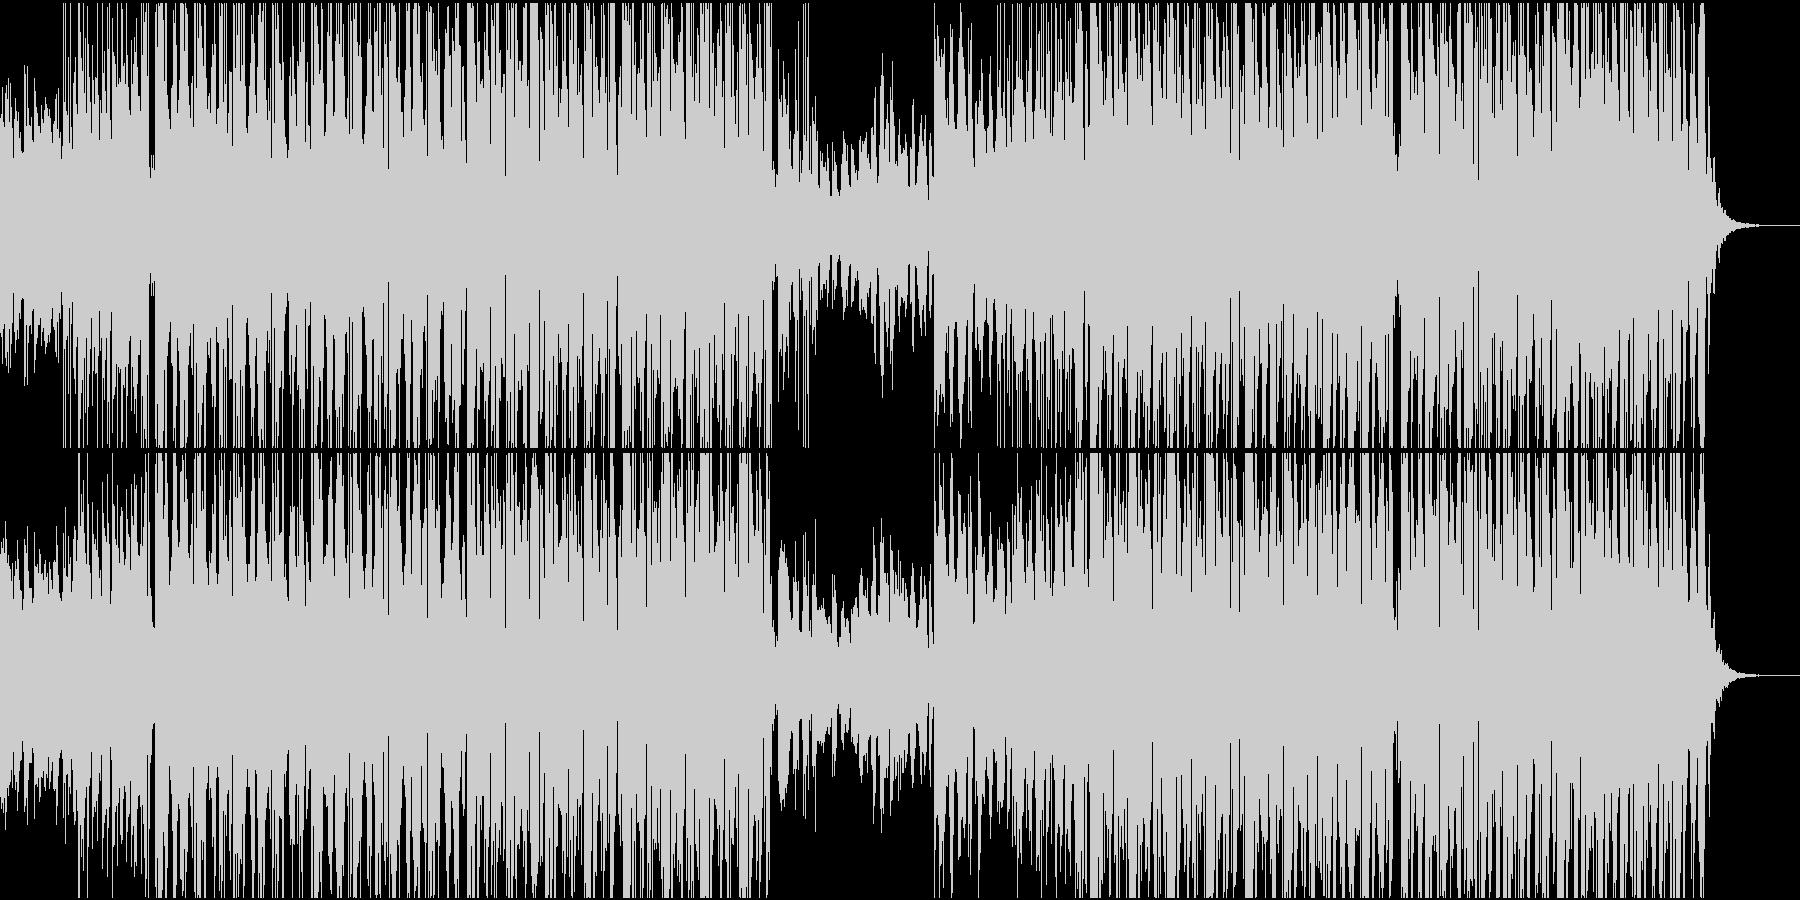 ボイスサンプルによるフューチャーベースの未再生の波形